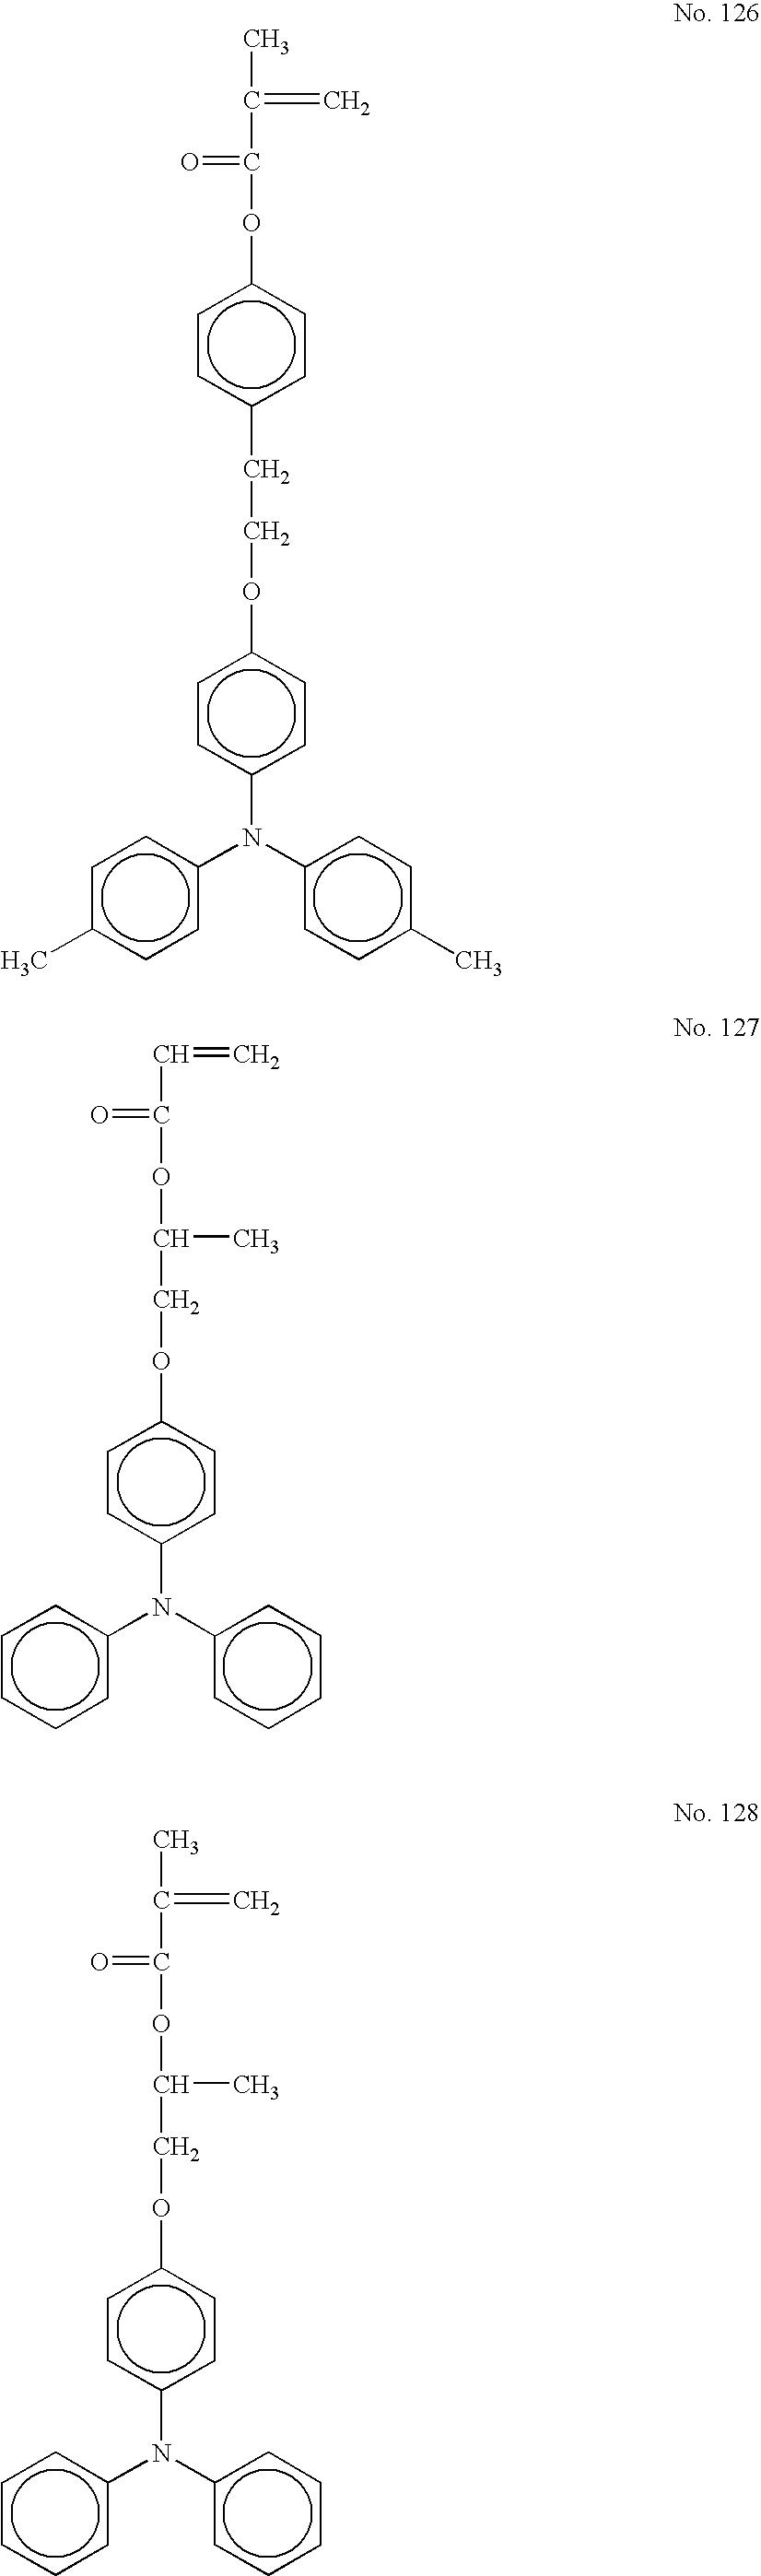 Figure US07361438-20080422-C00051